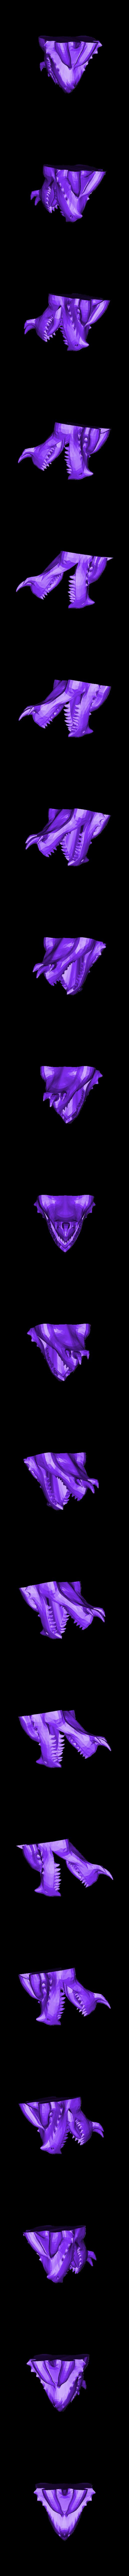 Red_Dragon_Updated_Face.stl Télécharger fichier STL gratuit Dragon • Plan à imprimer en 3D, JEJE817